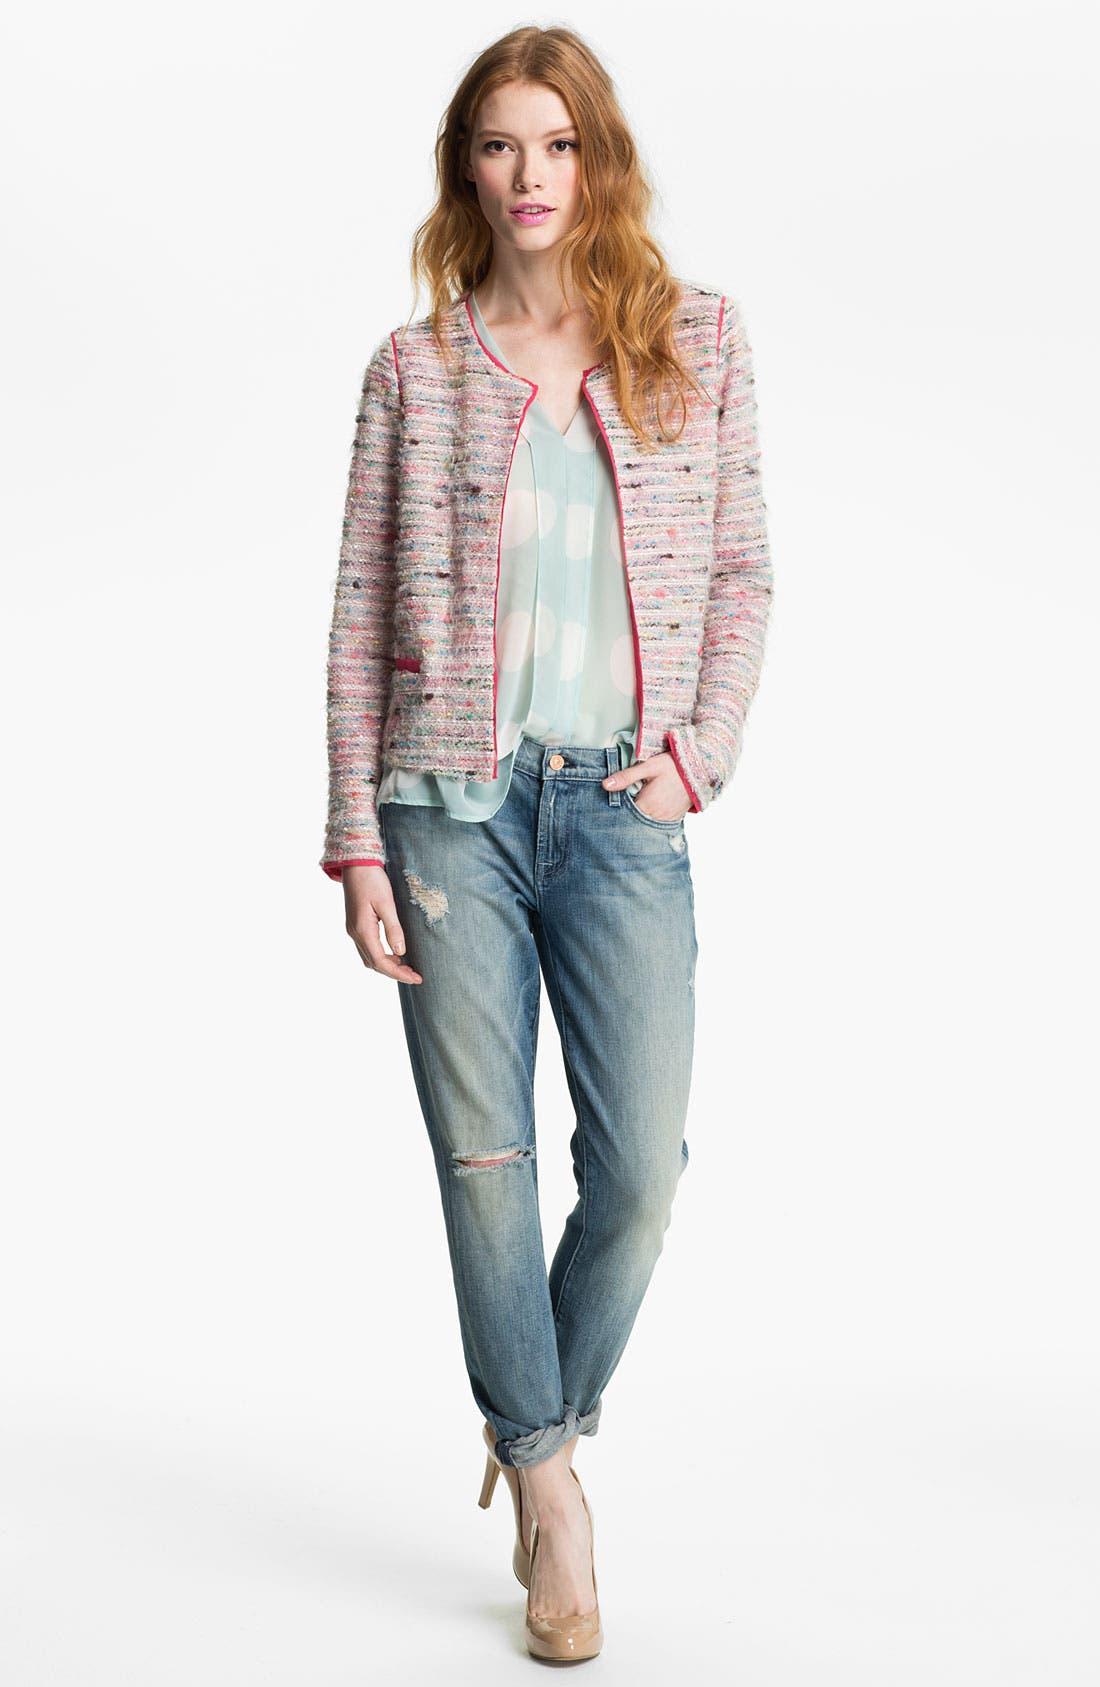 Main Image - Willow & Clay 'Shine' Rainbow Bouclé Jacket